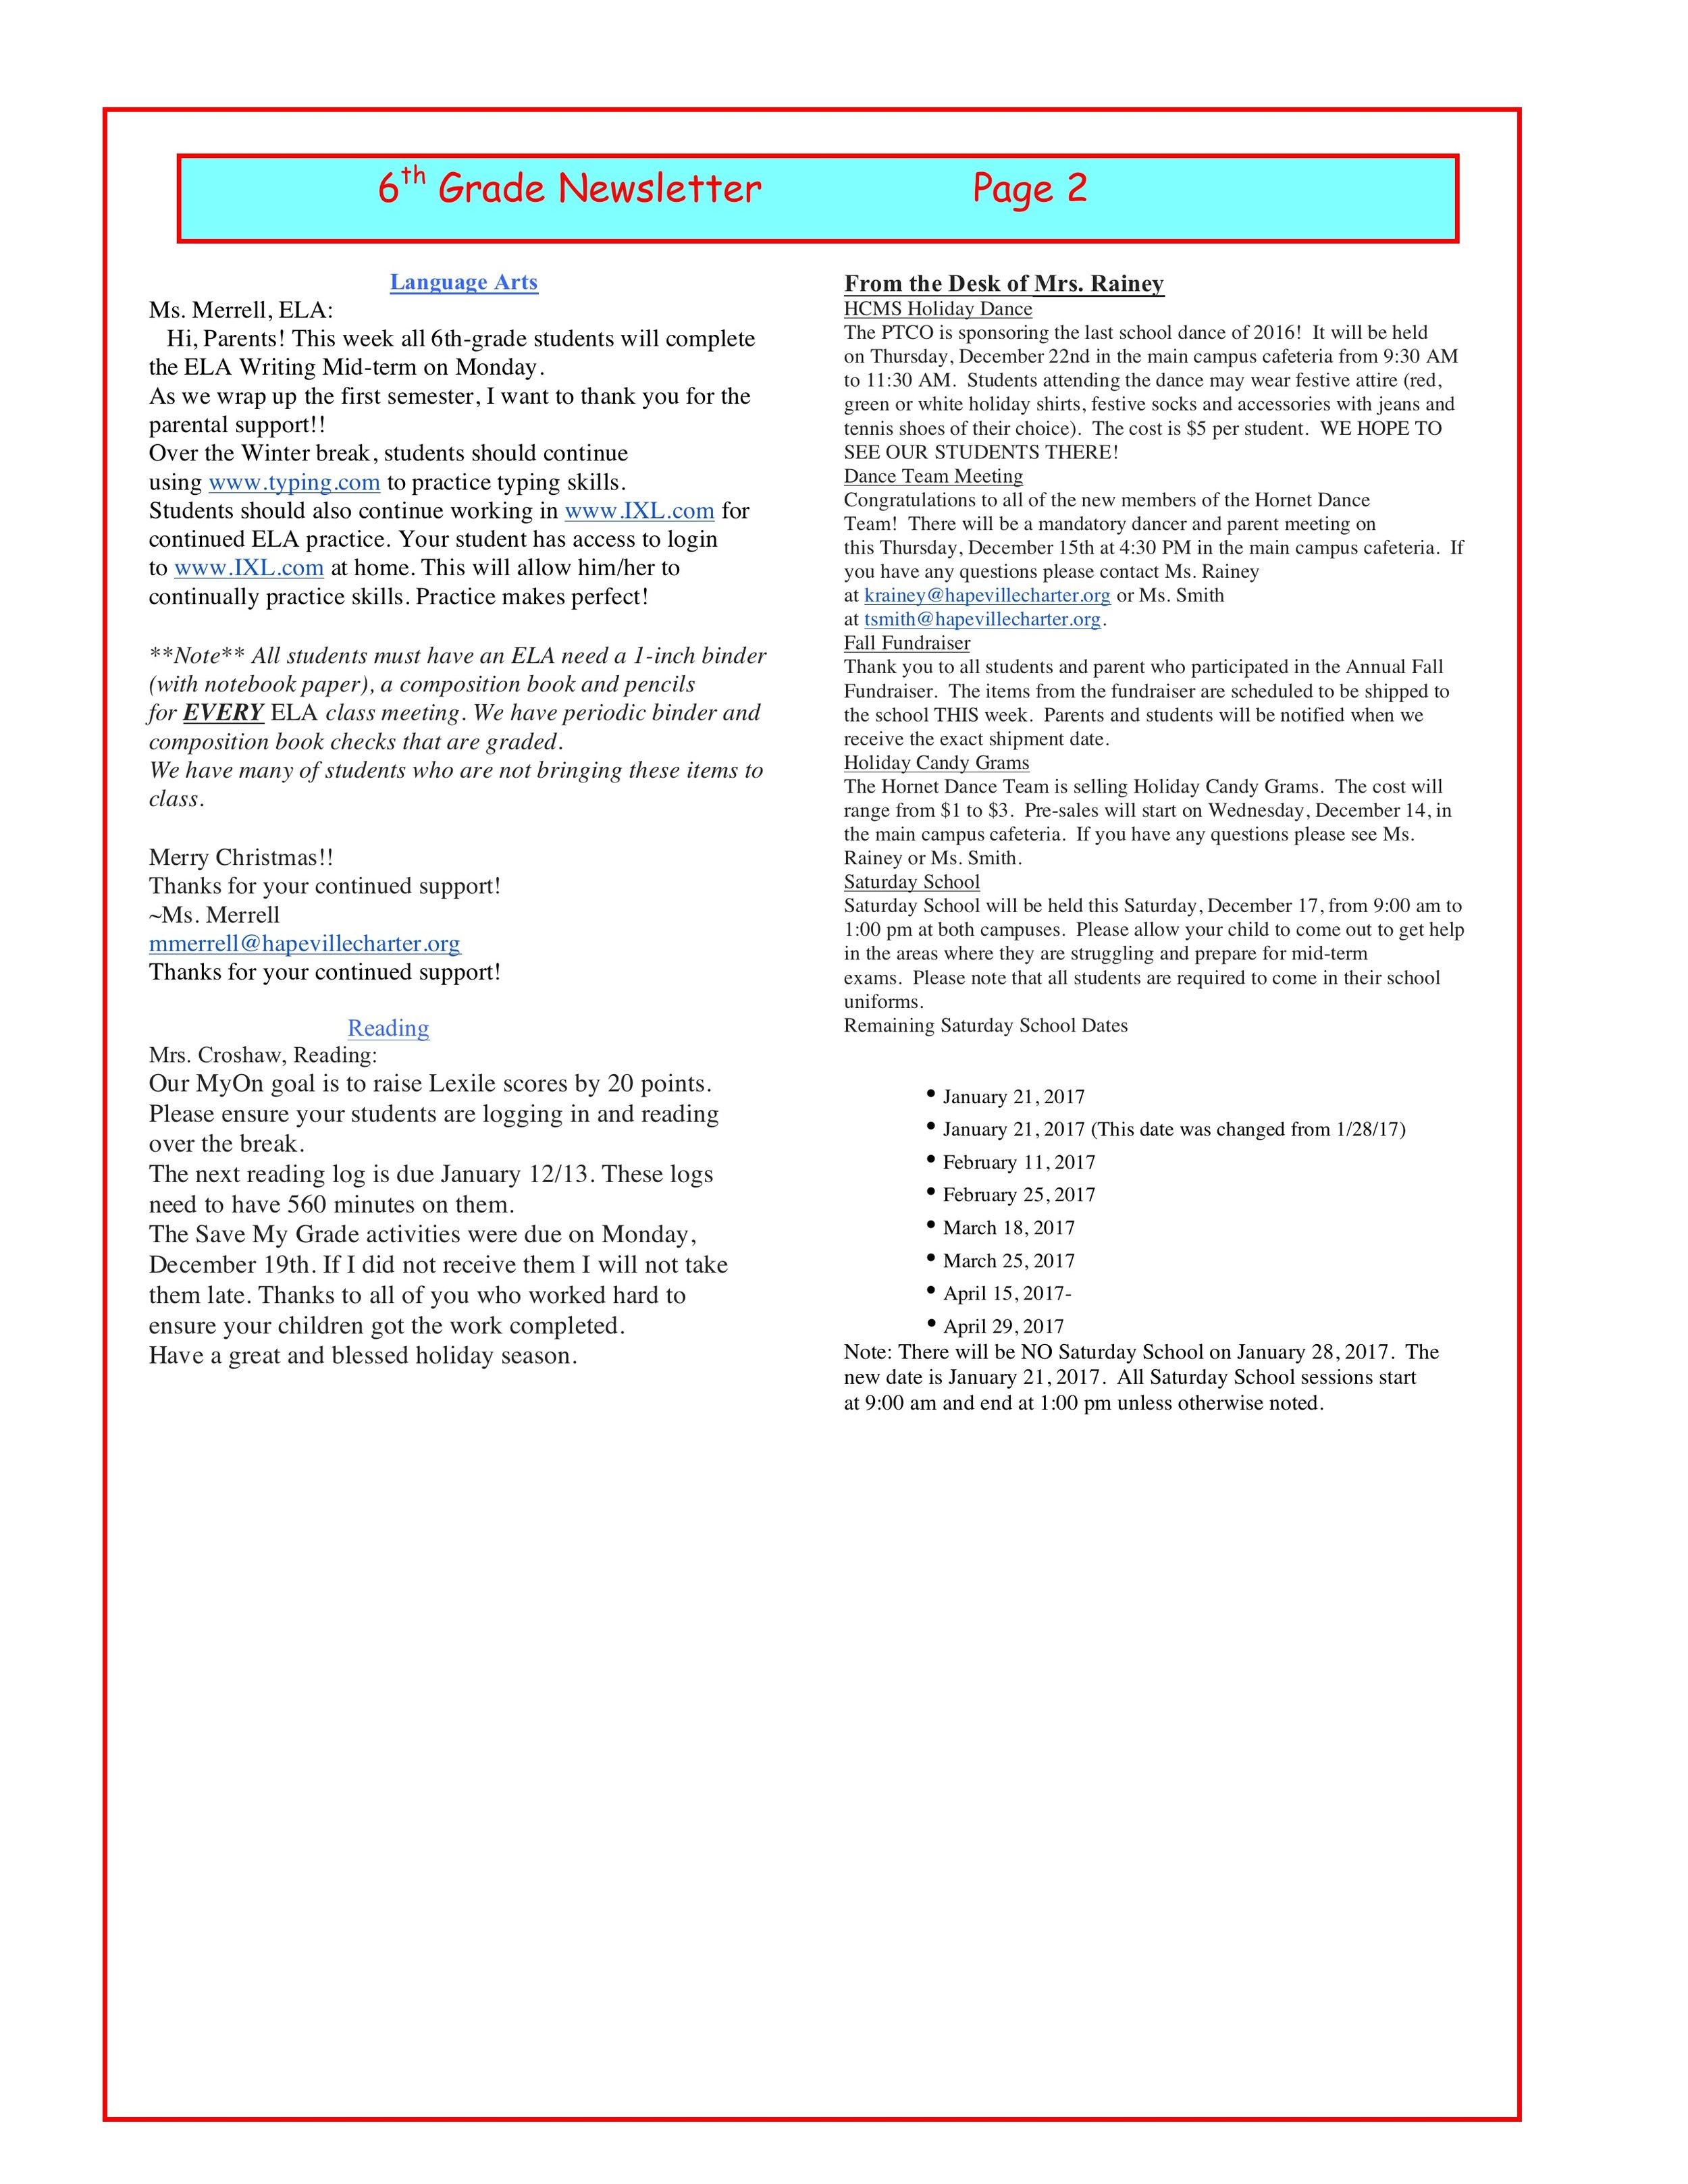 Newsletter Image6th Grade Newsletter 12-19-2016 2.jpeg